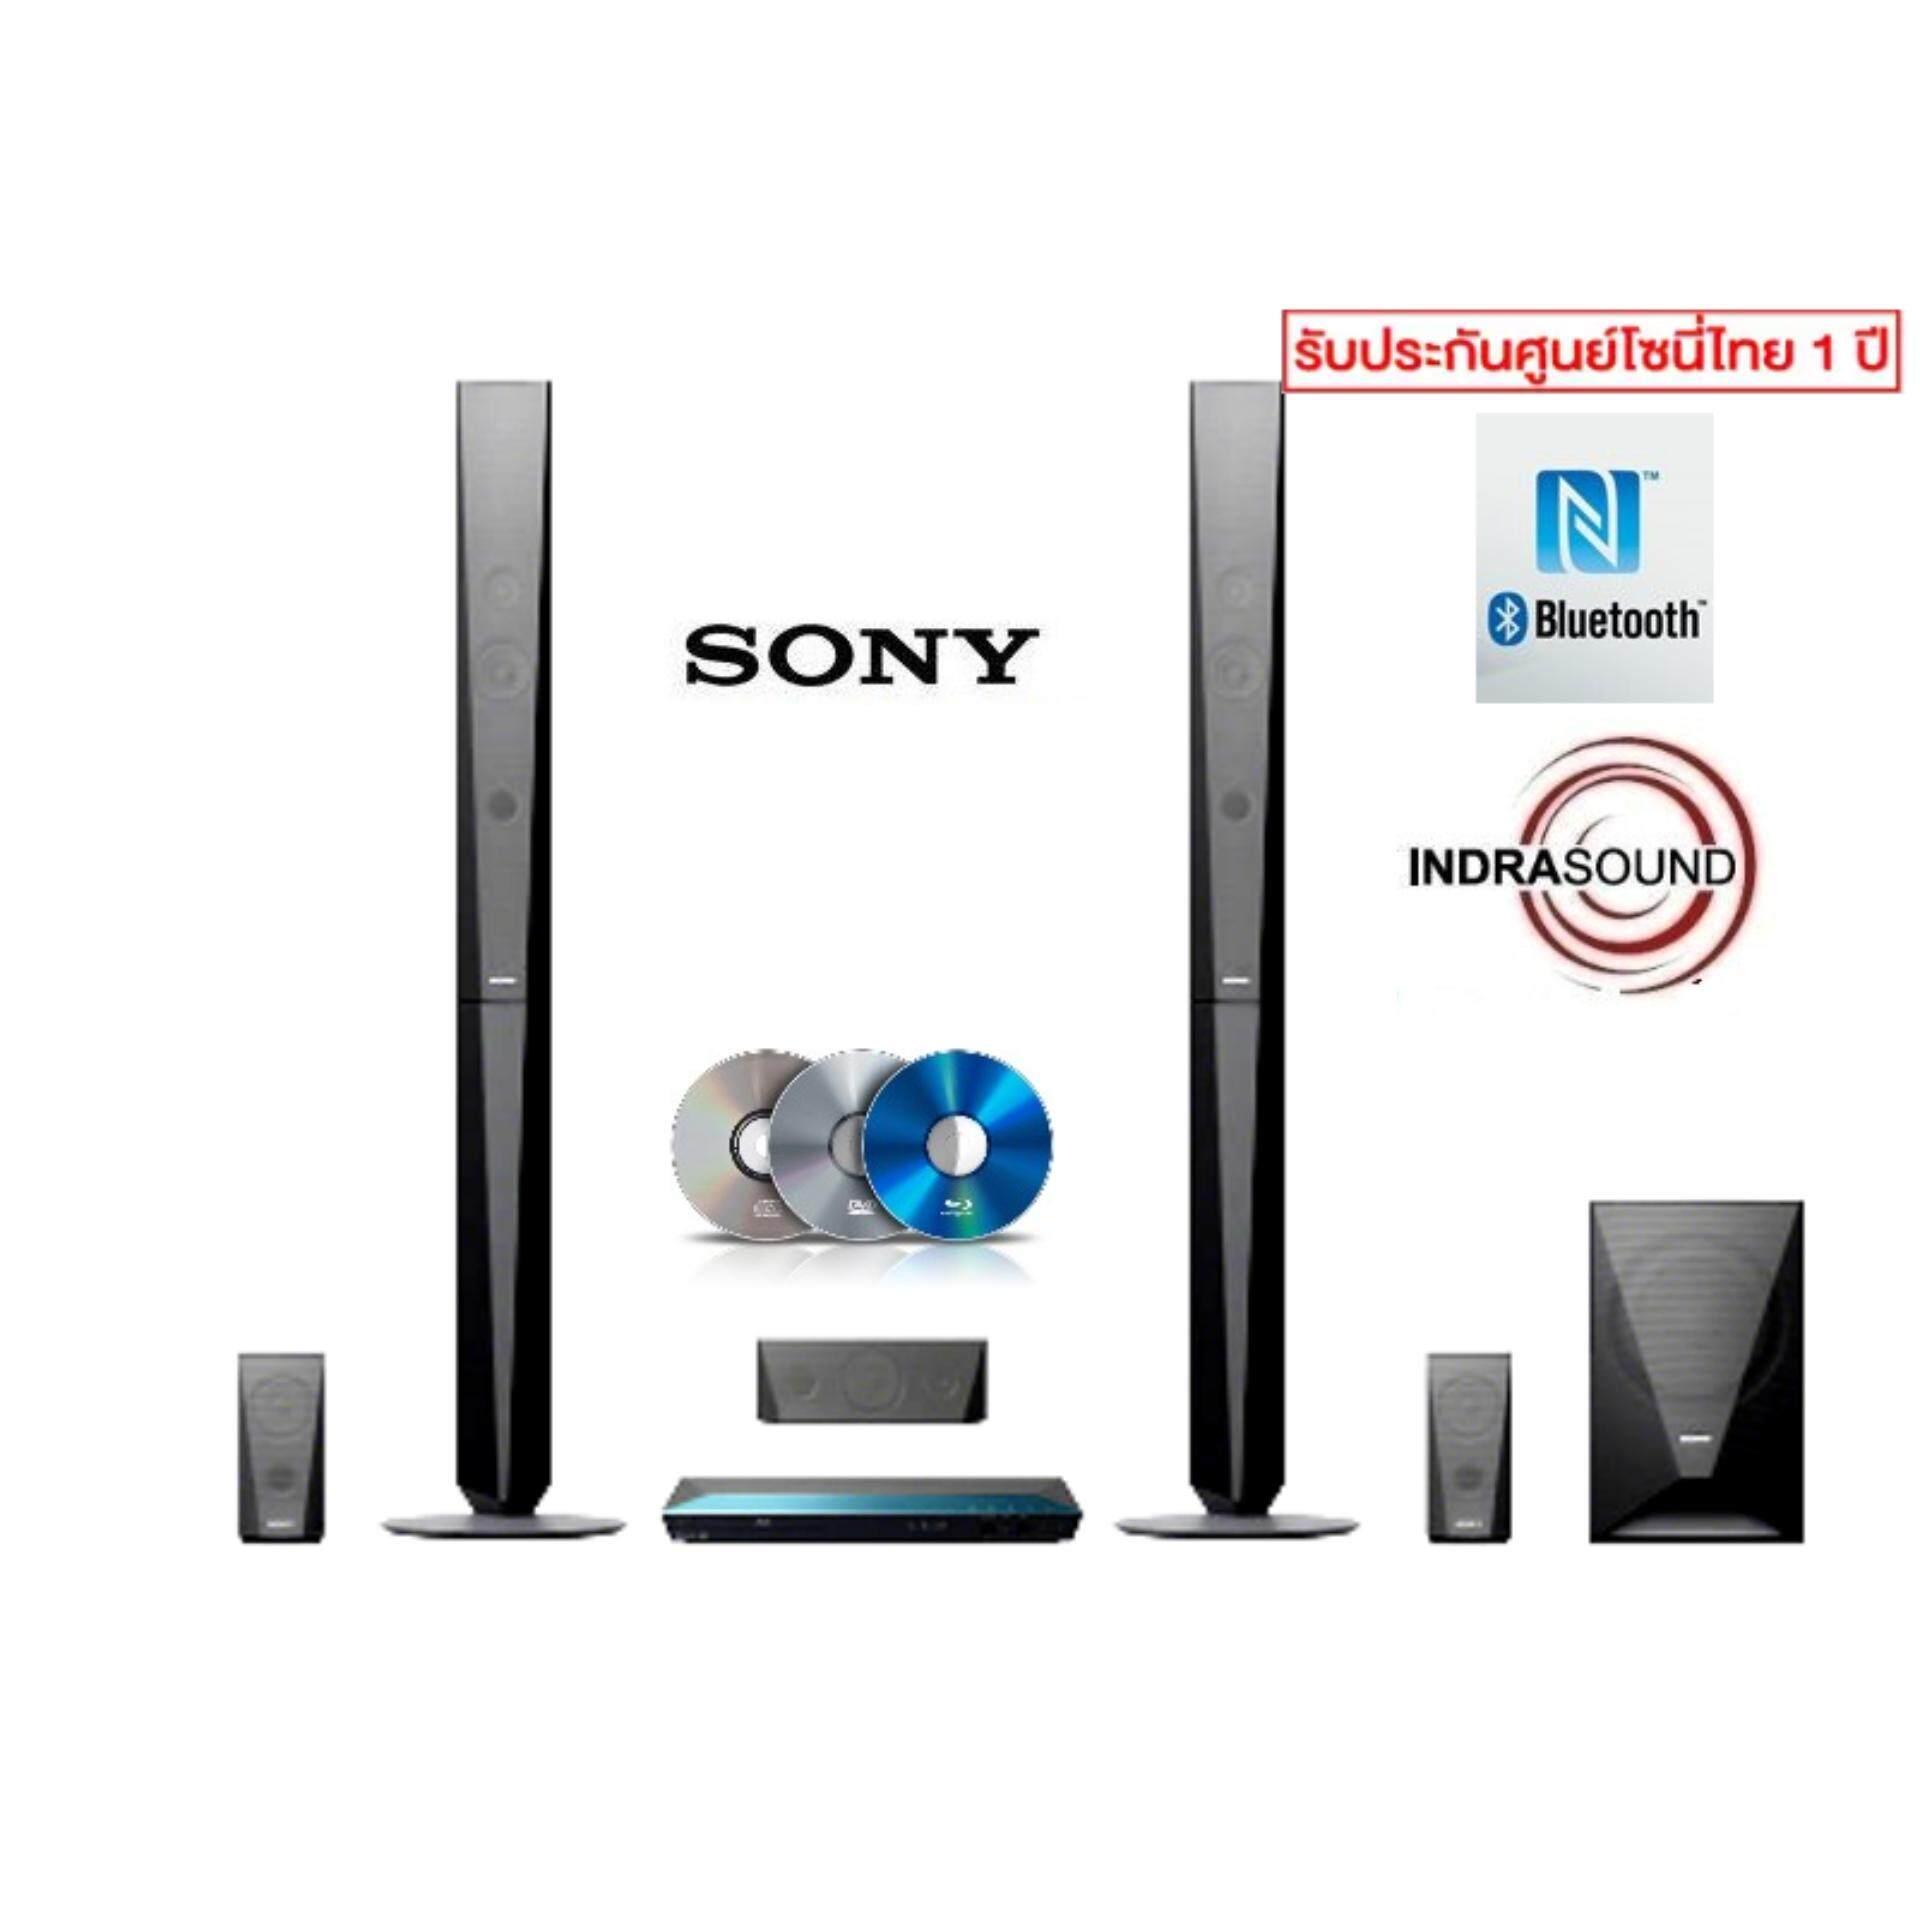 ยี่ห้อไหนดี  เพชรบูรณ์ SONYชุดโฮมเธียเตอร์ รุ่น BDV-E4100  BLU-RAY 3D DVD VCD MP3 CD MPEG4 ระบบเสียง : DOLBY SURROUND 5.1 CH 1000w.